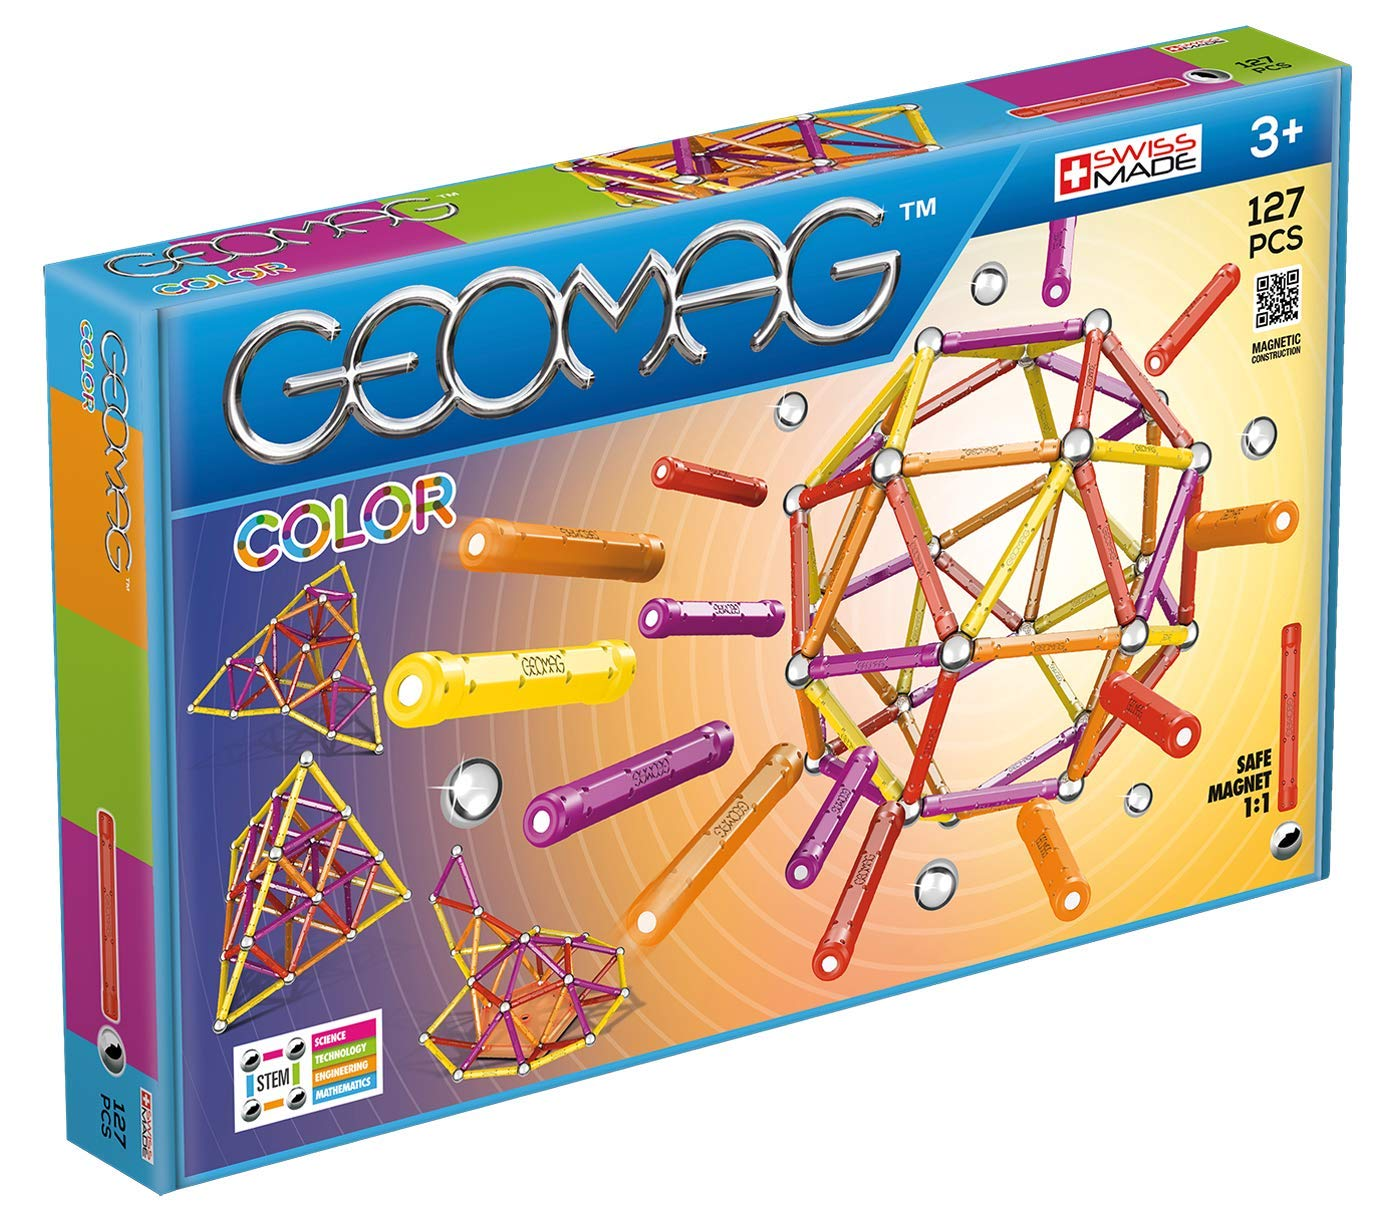 Color 35 Jeux de Construction GMC01 Pi/èces Geomag